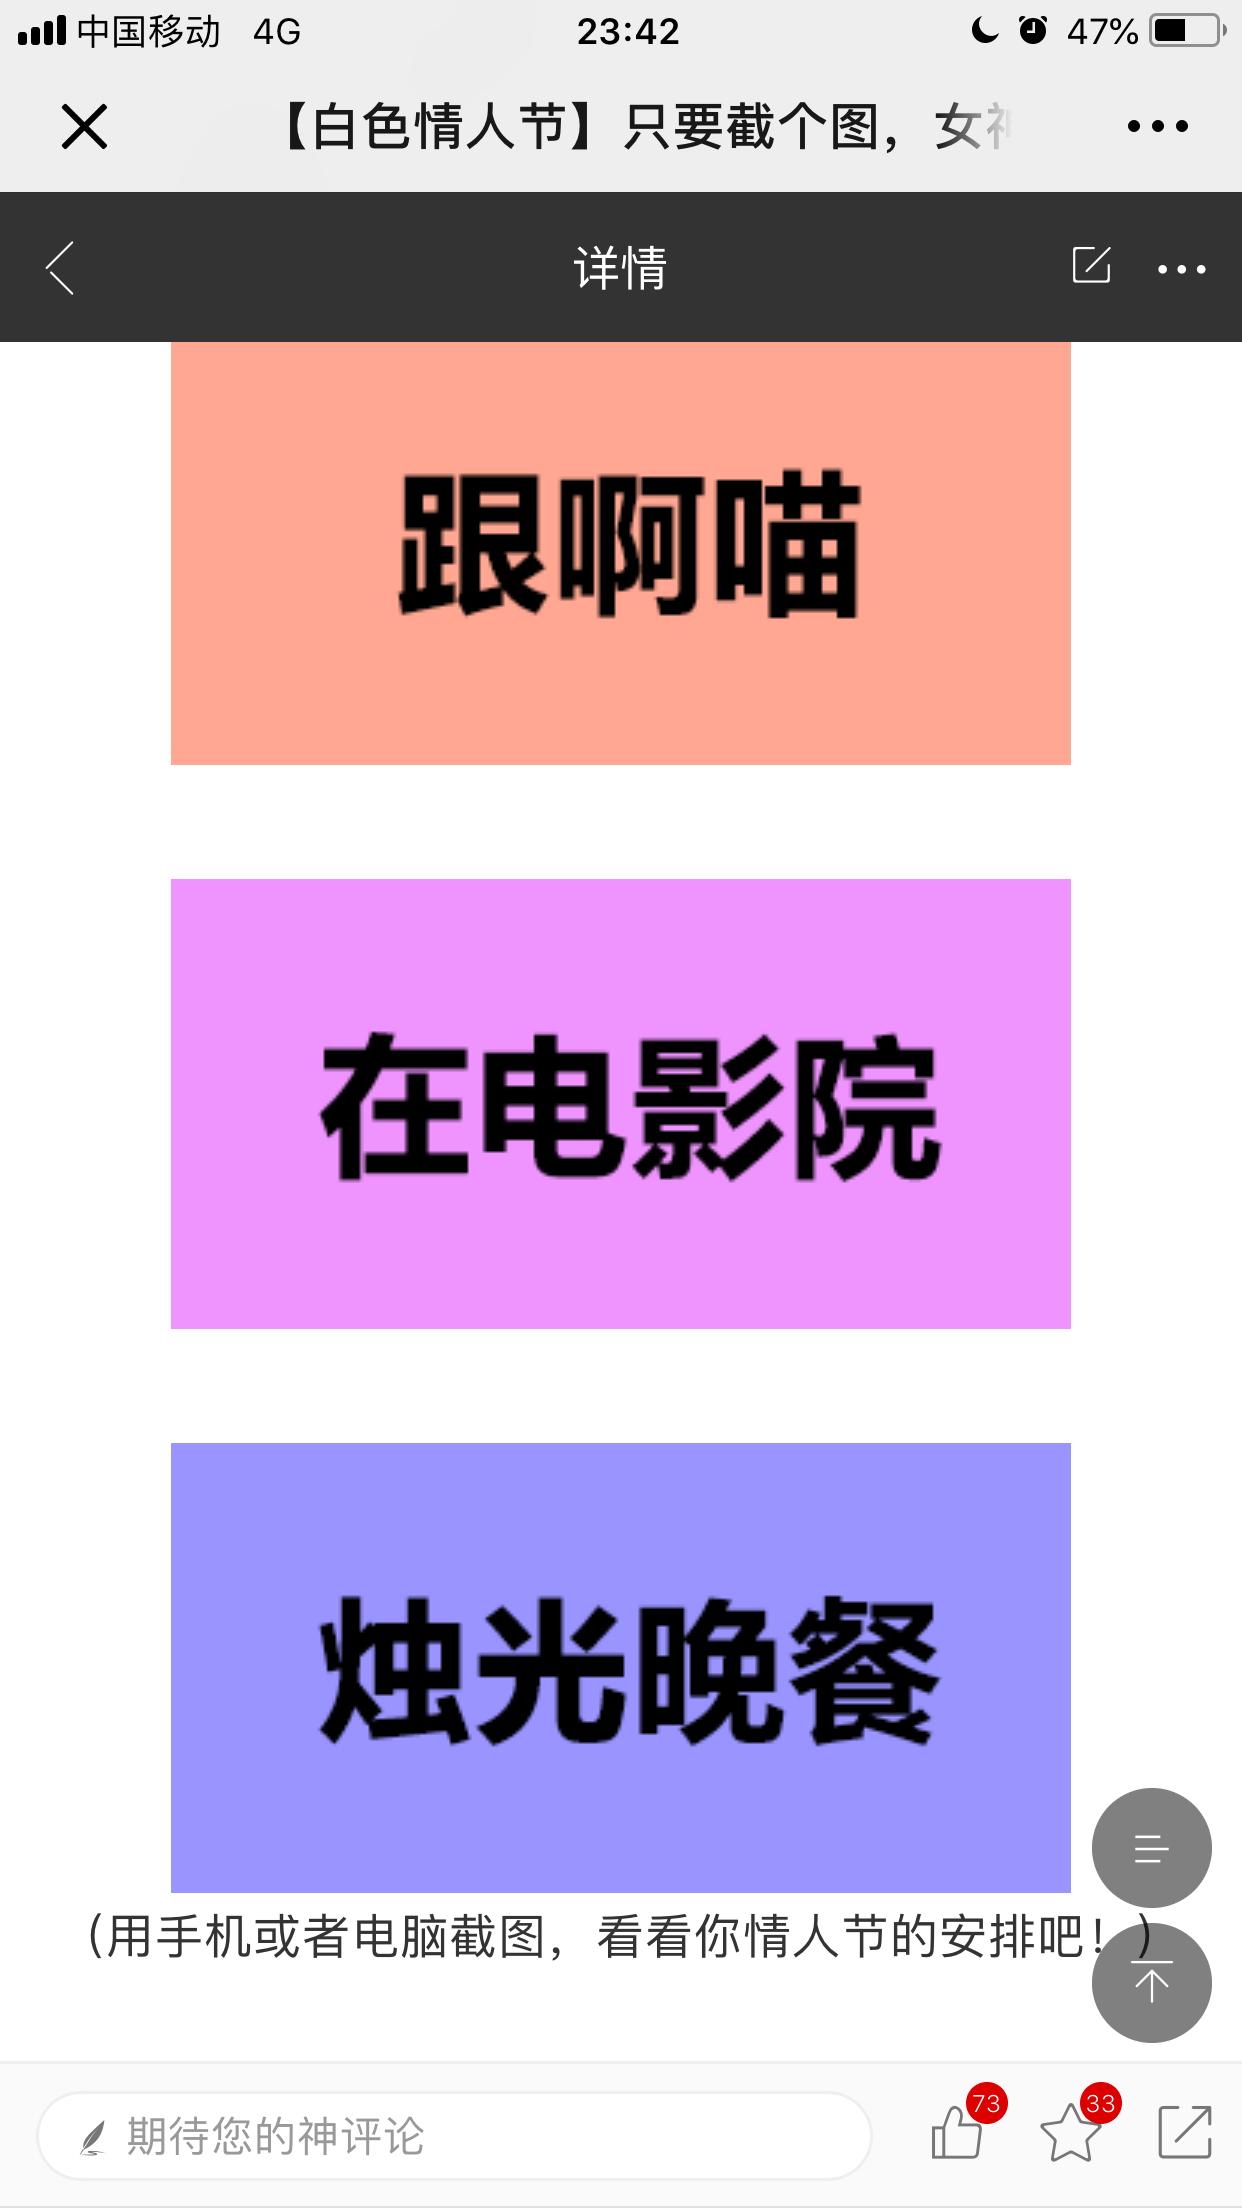 FB793D0D-B328-49E2-A221-D4F7F560031D.png